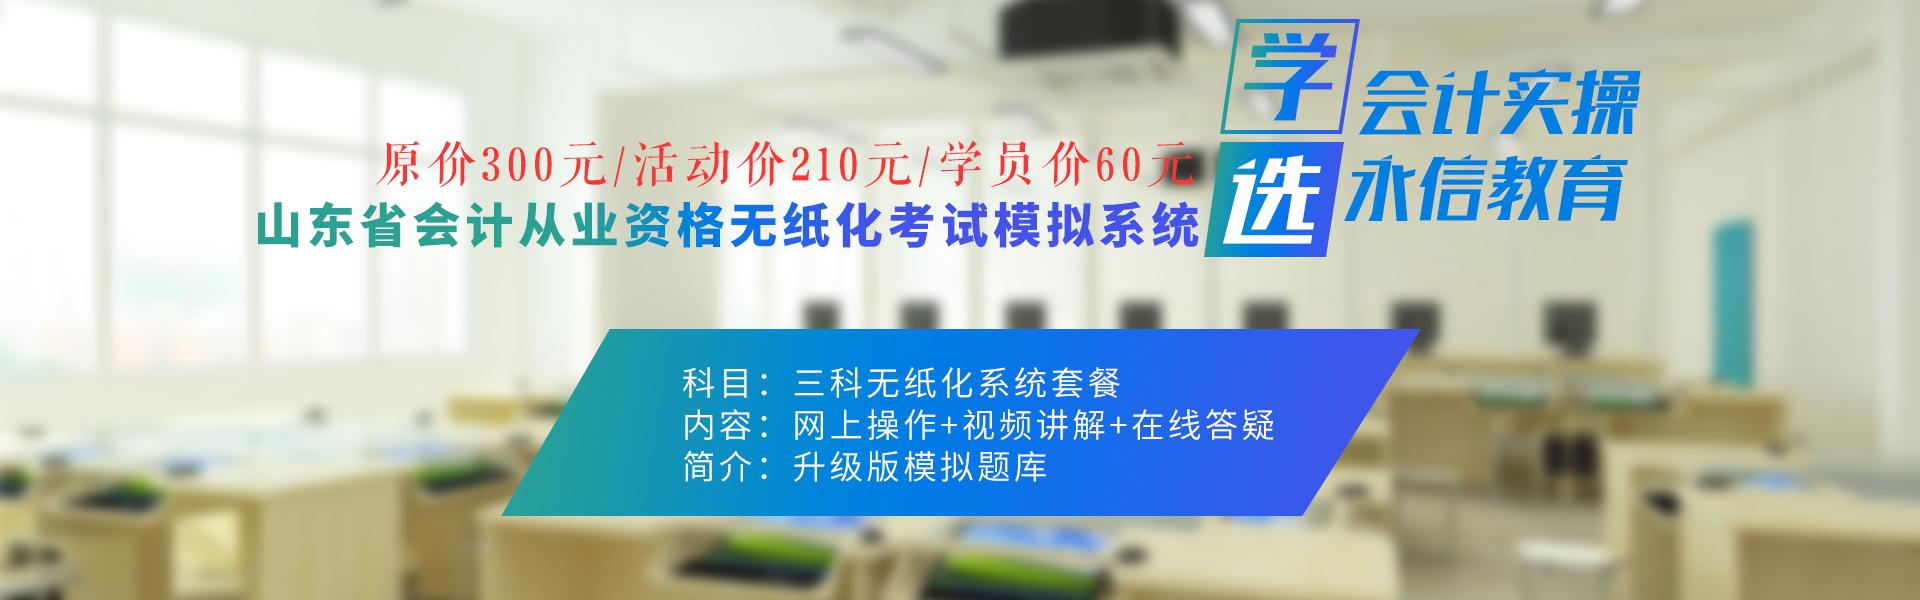 内页banner.png